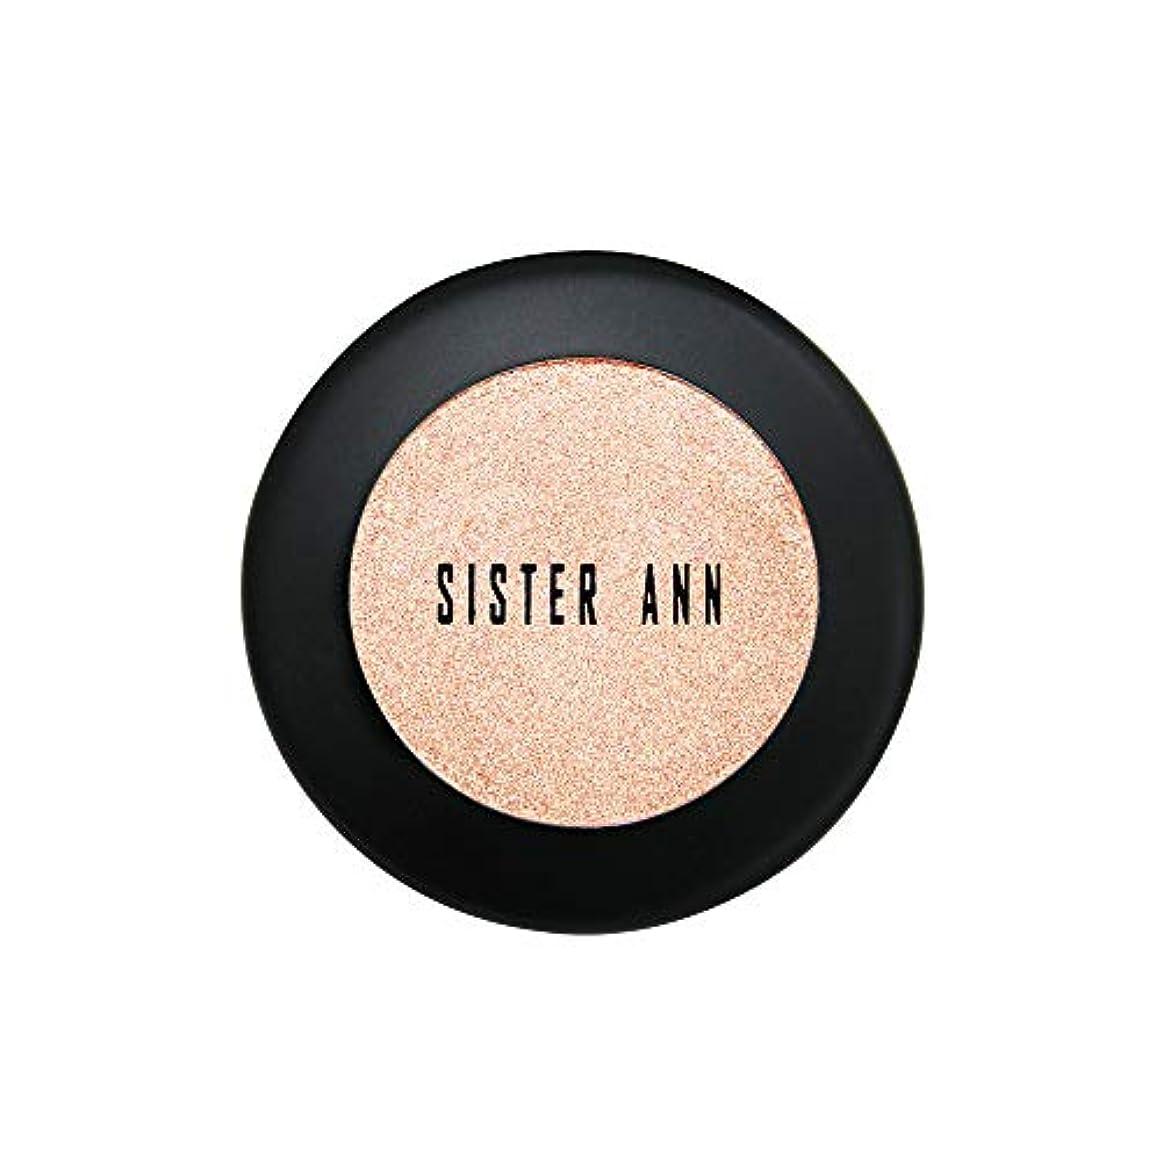 強制忍耐調和[SISTER ANN] カラーシャインシャドウ (Glam Beige)